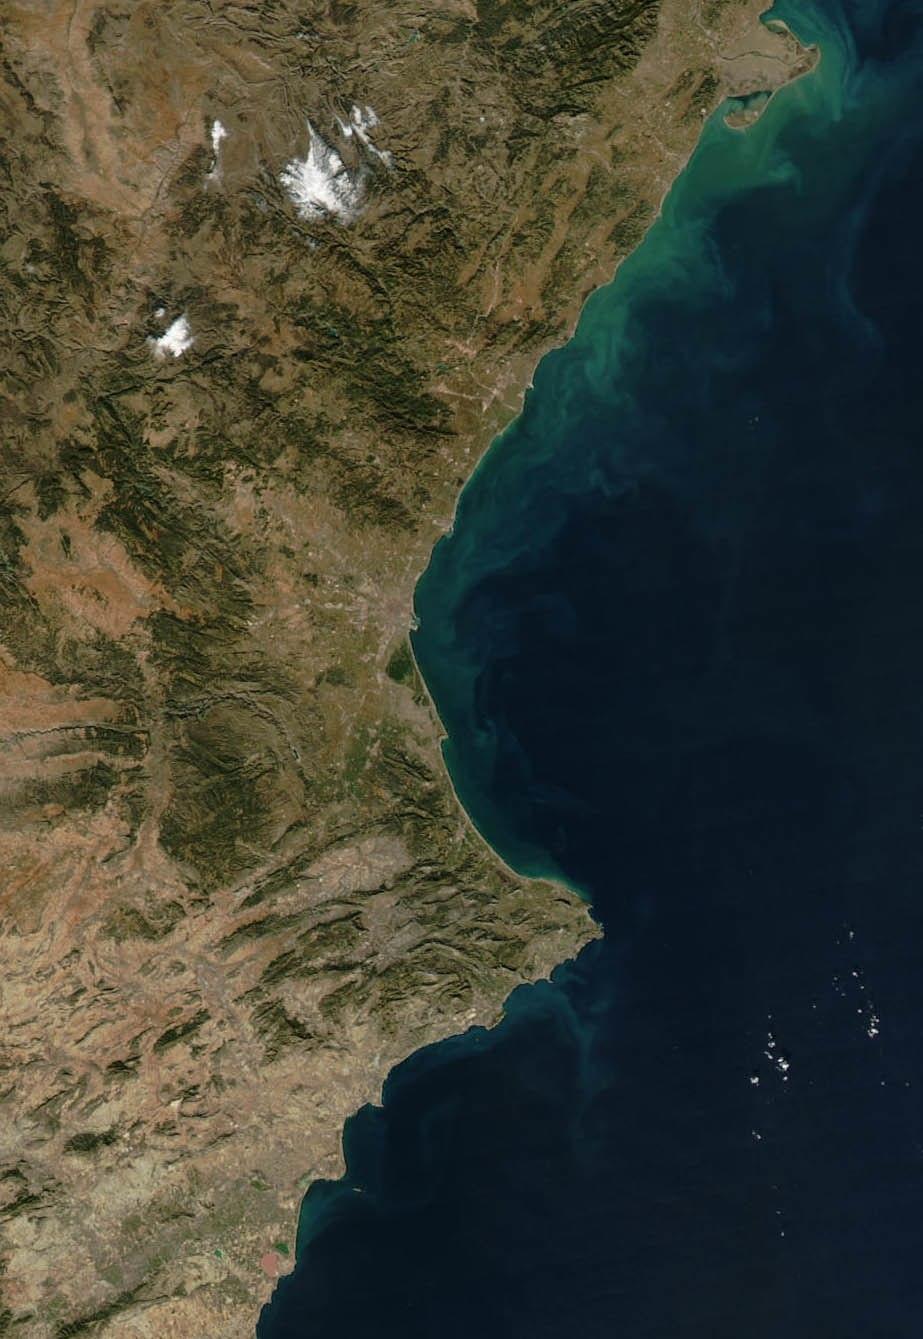 Land of Valencia, NASA satellite image